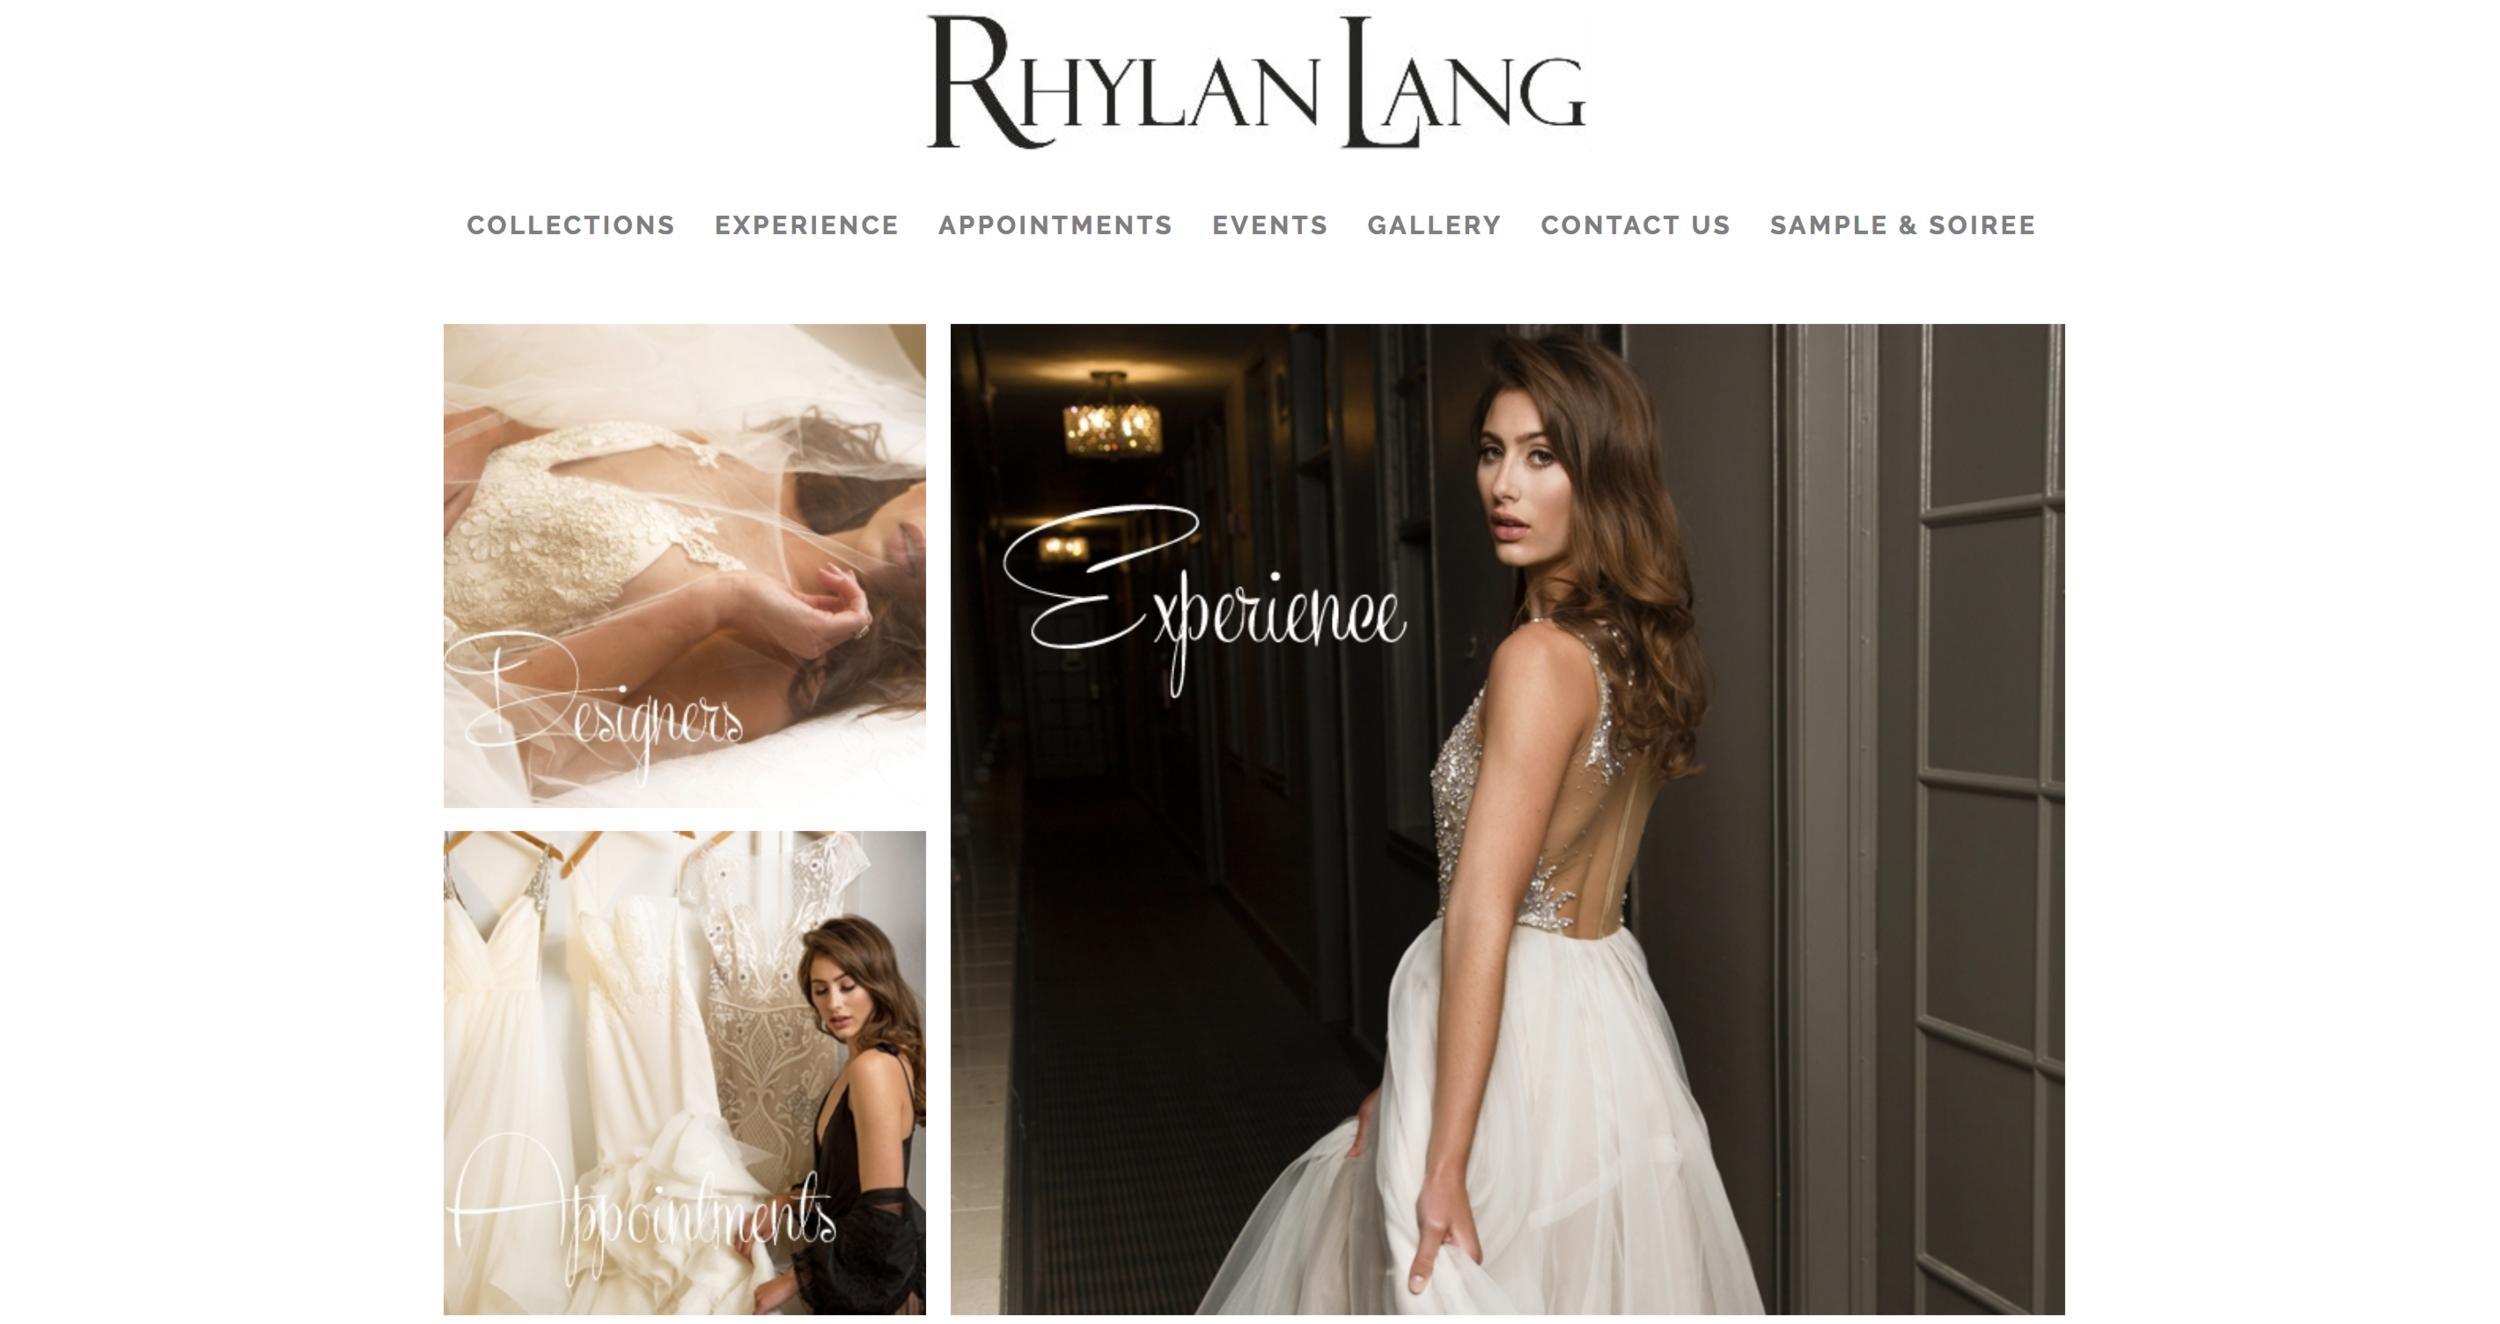 Rhylan Lang